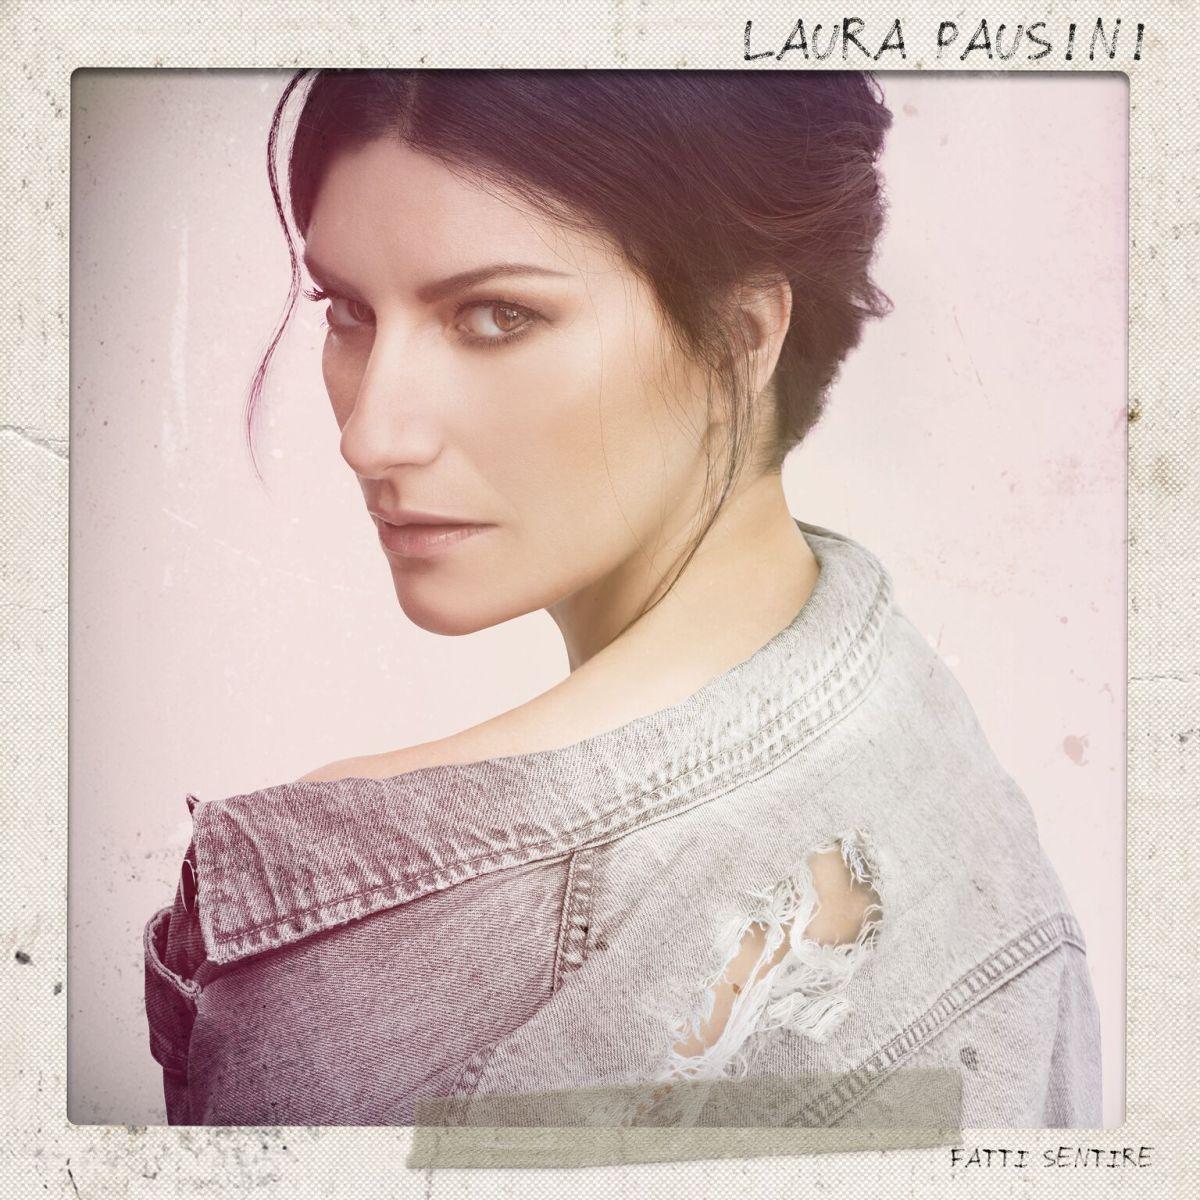 Incontra Laura Pausini: come partecipare al concorso di Mondadori Store